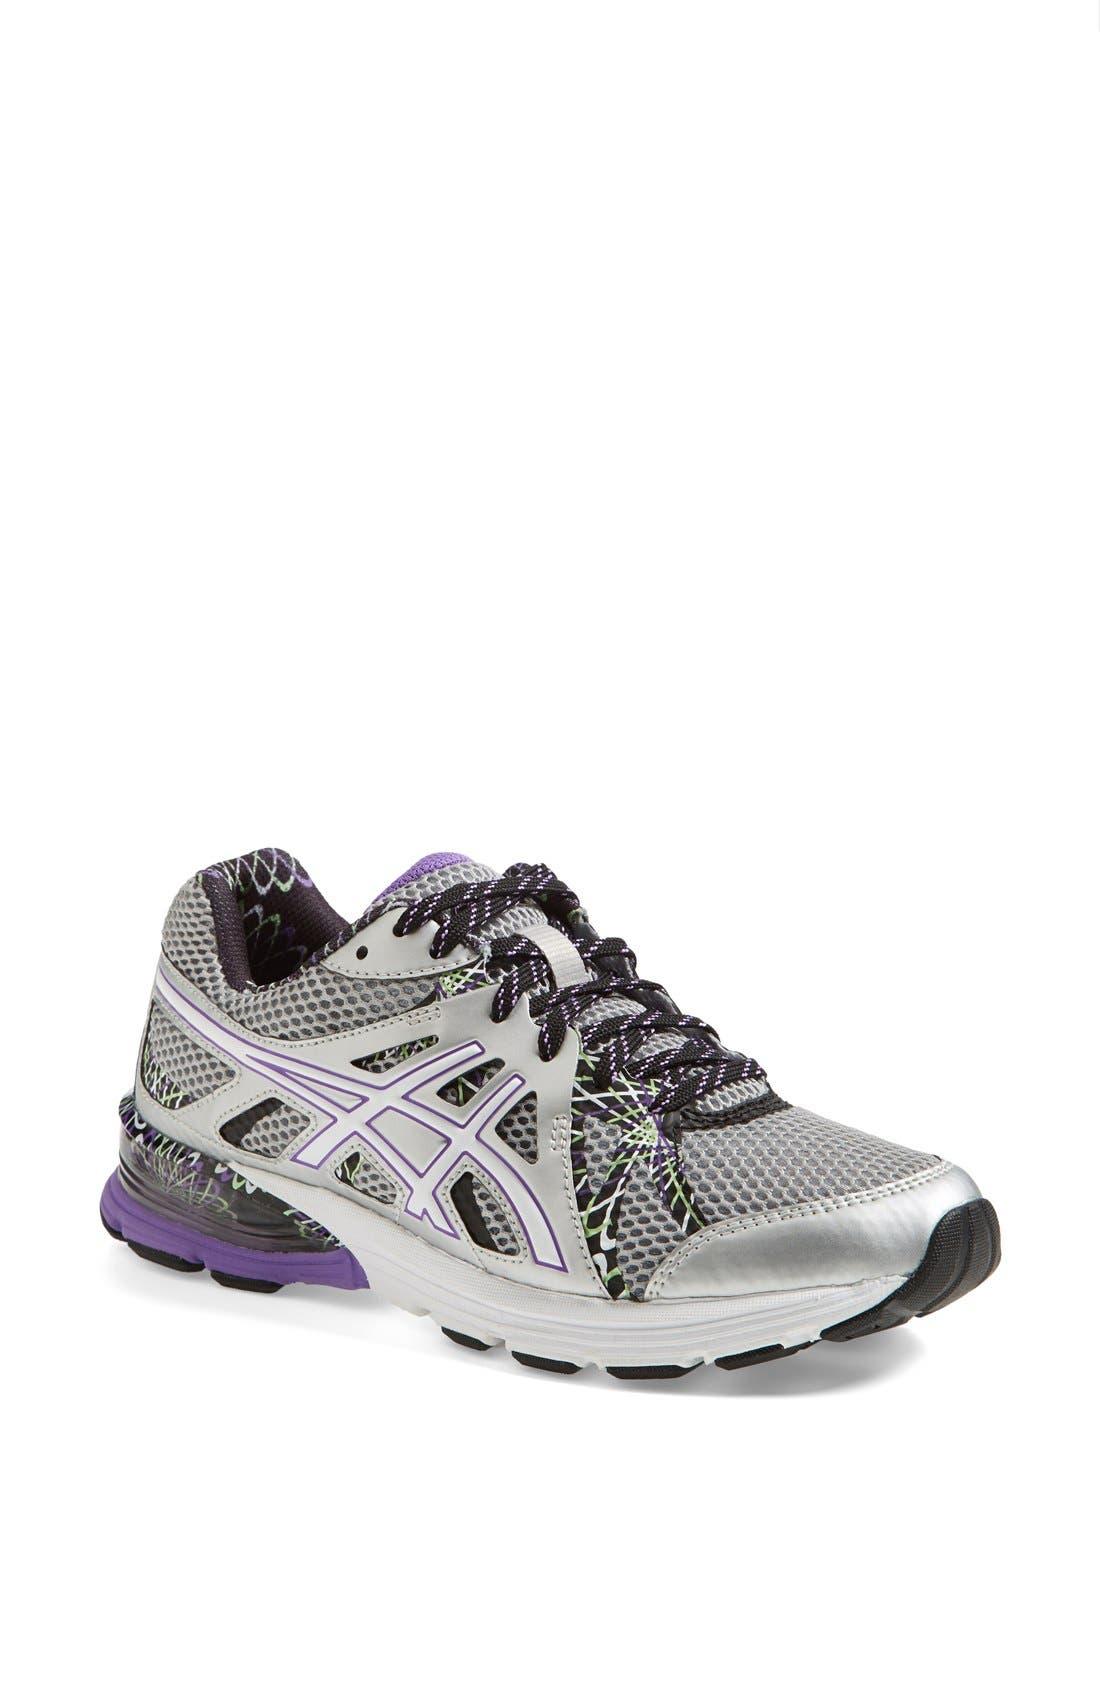 Main Image - ASICS® 'GEL-Preleus™' Running Shoe (Nordstrom Exclusive) (Women)